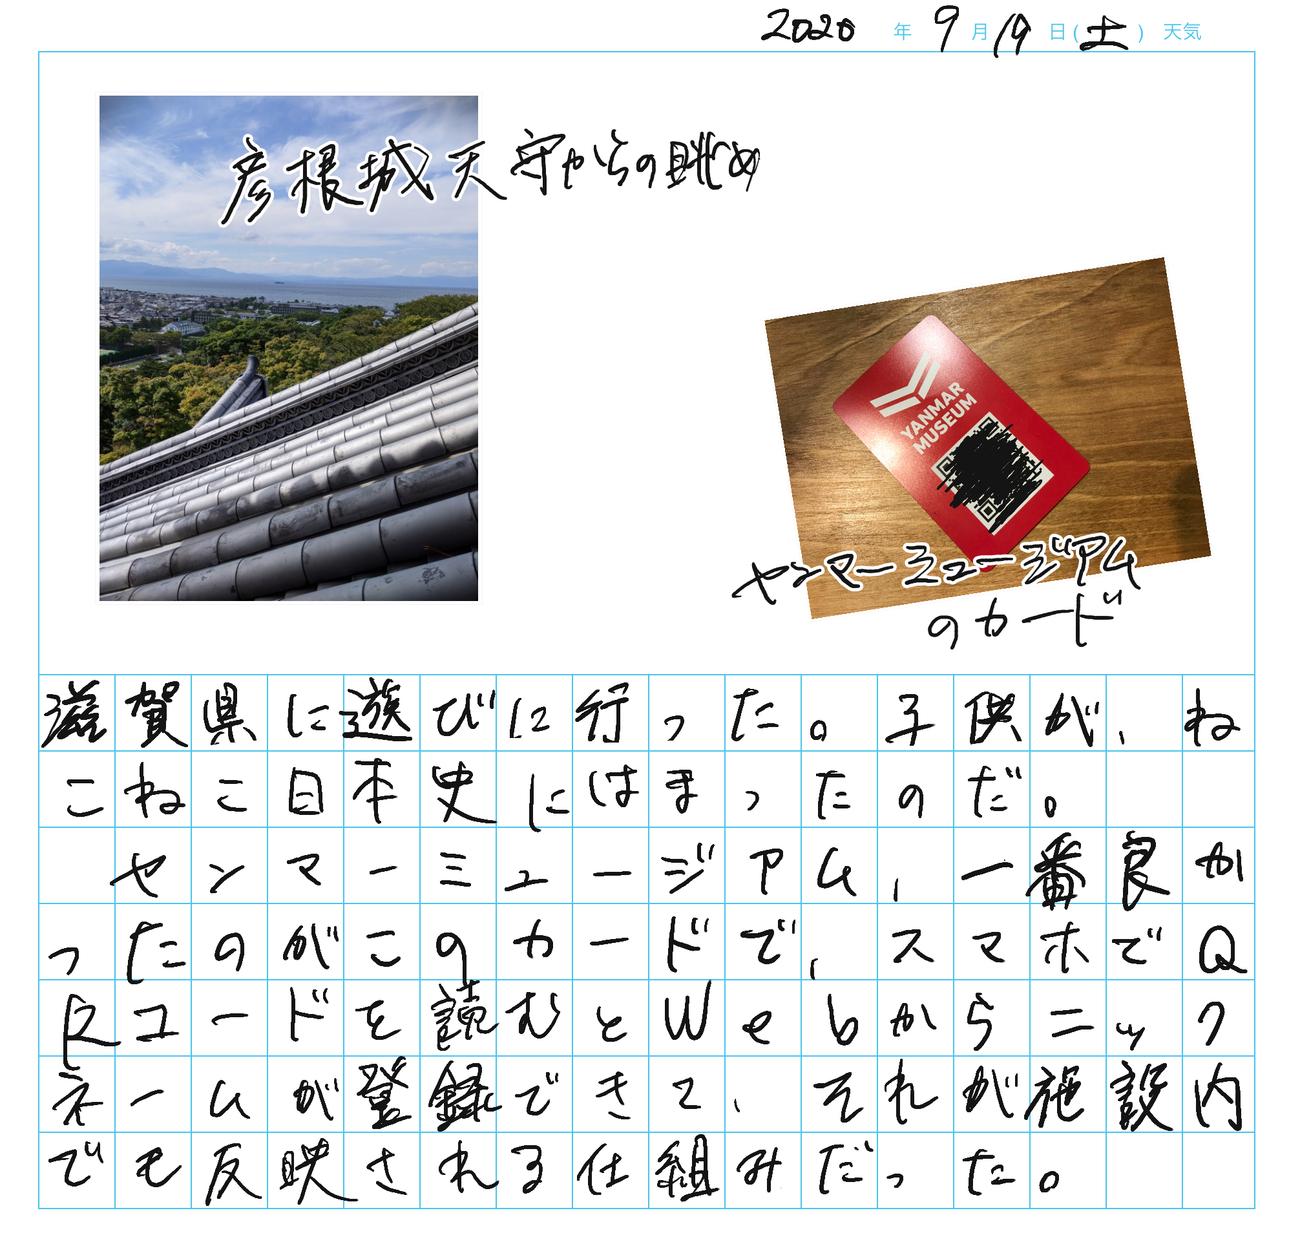 2020 年 9 19 日(土)天気 彦根城天守からの眺め YANMAR MUSEUM ヤンマー22-4 のカード ミ 一 滋賀県に遊びに行った。子供が、ね こねこ日本史にはすっ た のだ。 ヤンマ ジアム一番良か ったのがこ 1 ドで スマホでQRコードを読むとWebからニックネームなど登録できて それが施設内 でも反映される仕組みだった。